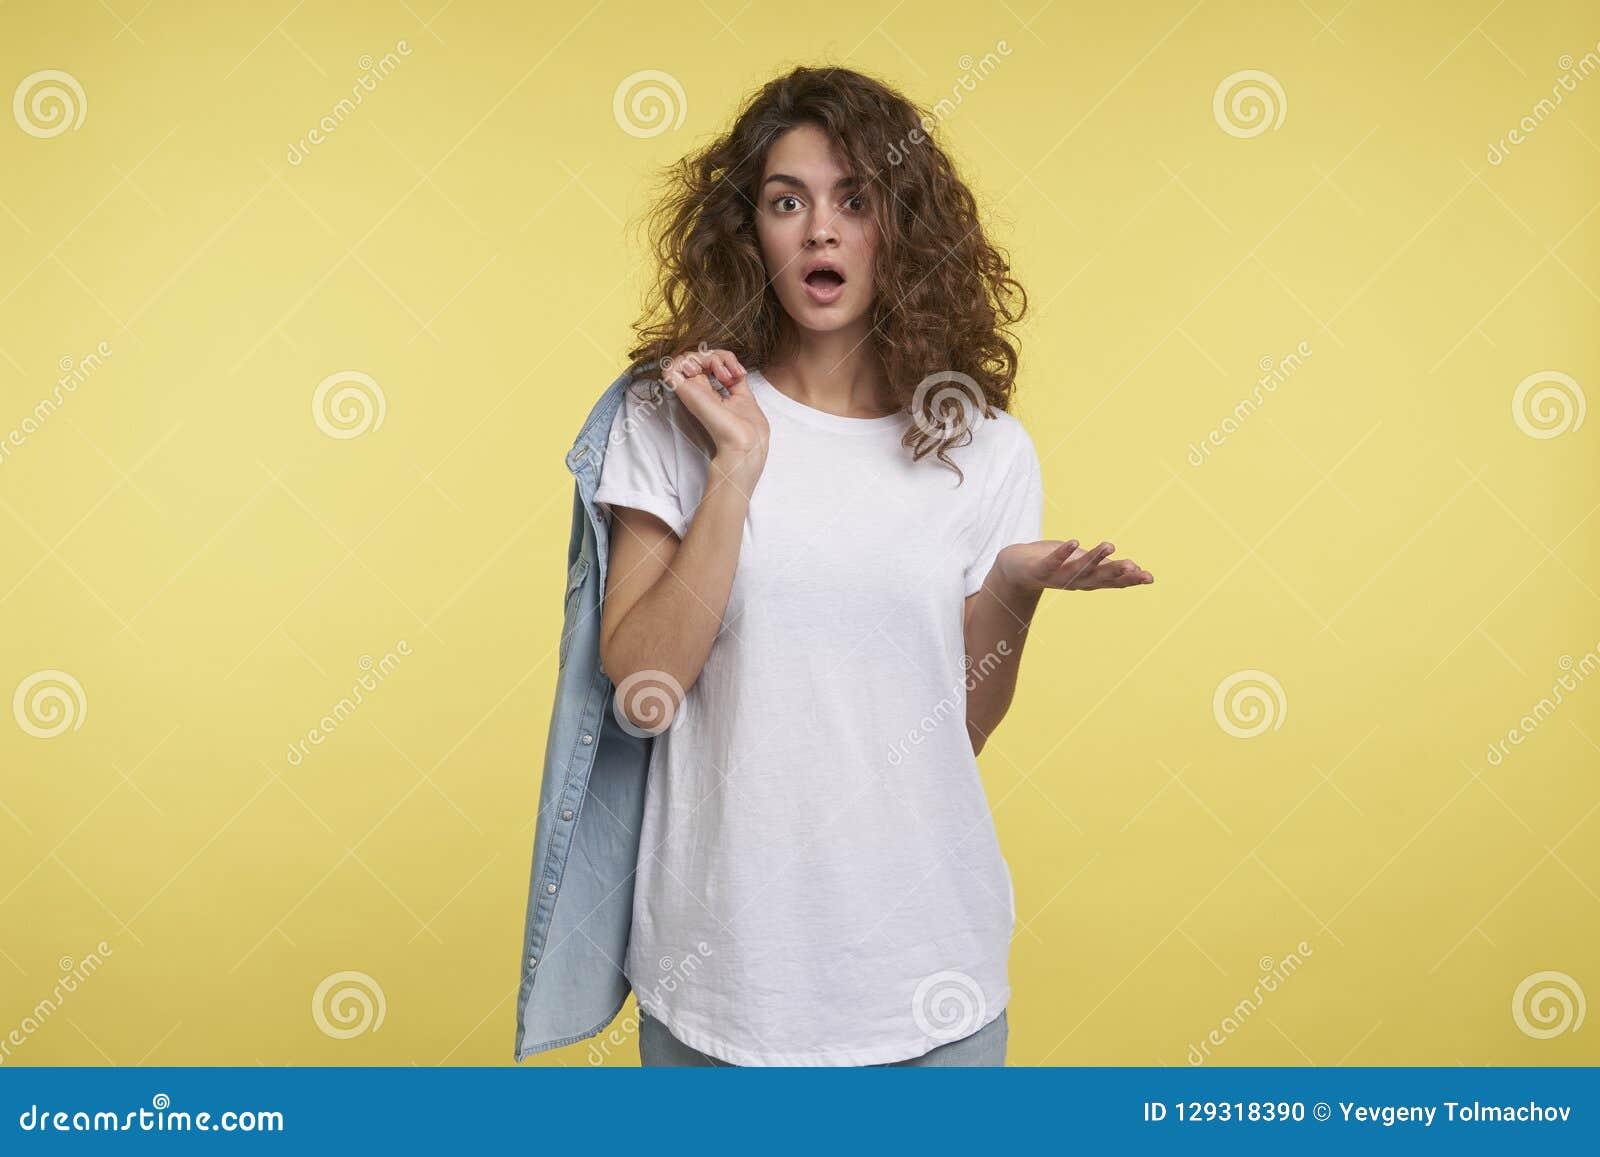 Midiumschot van jonge verraste vrouw met krullend haar